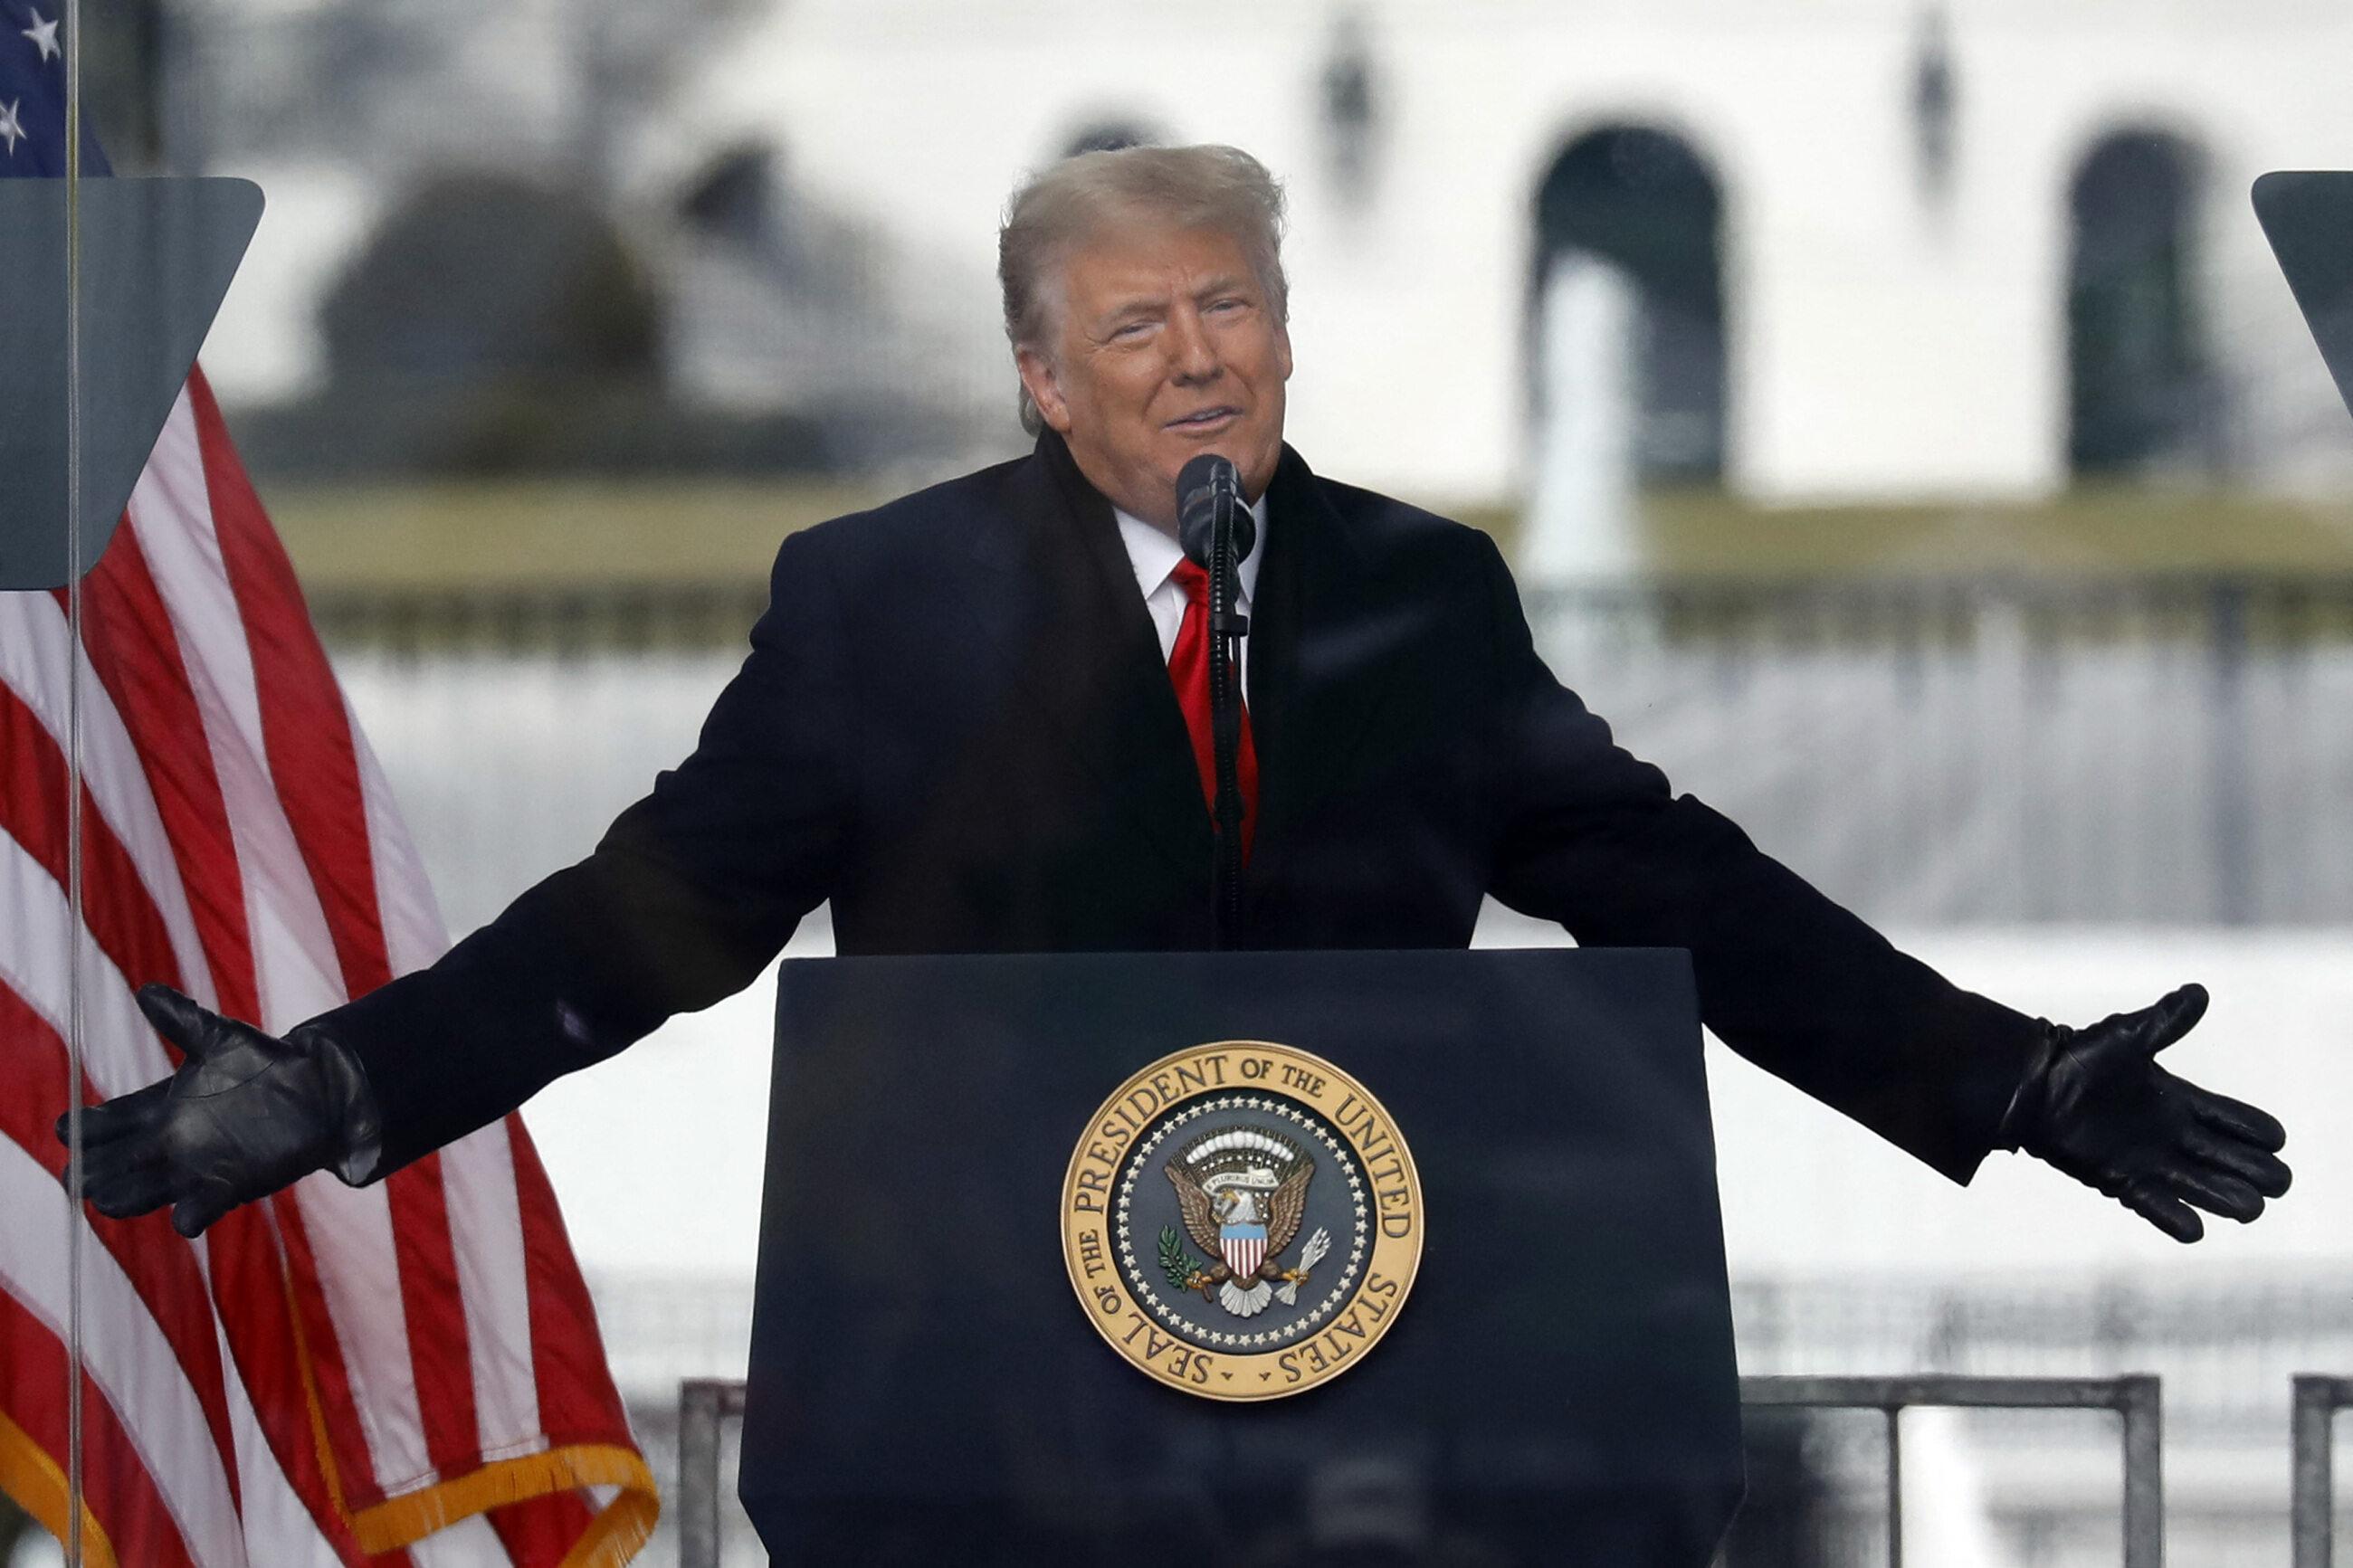 Donald Trump podczas przemówienia przed Białym Domem